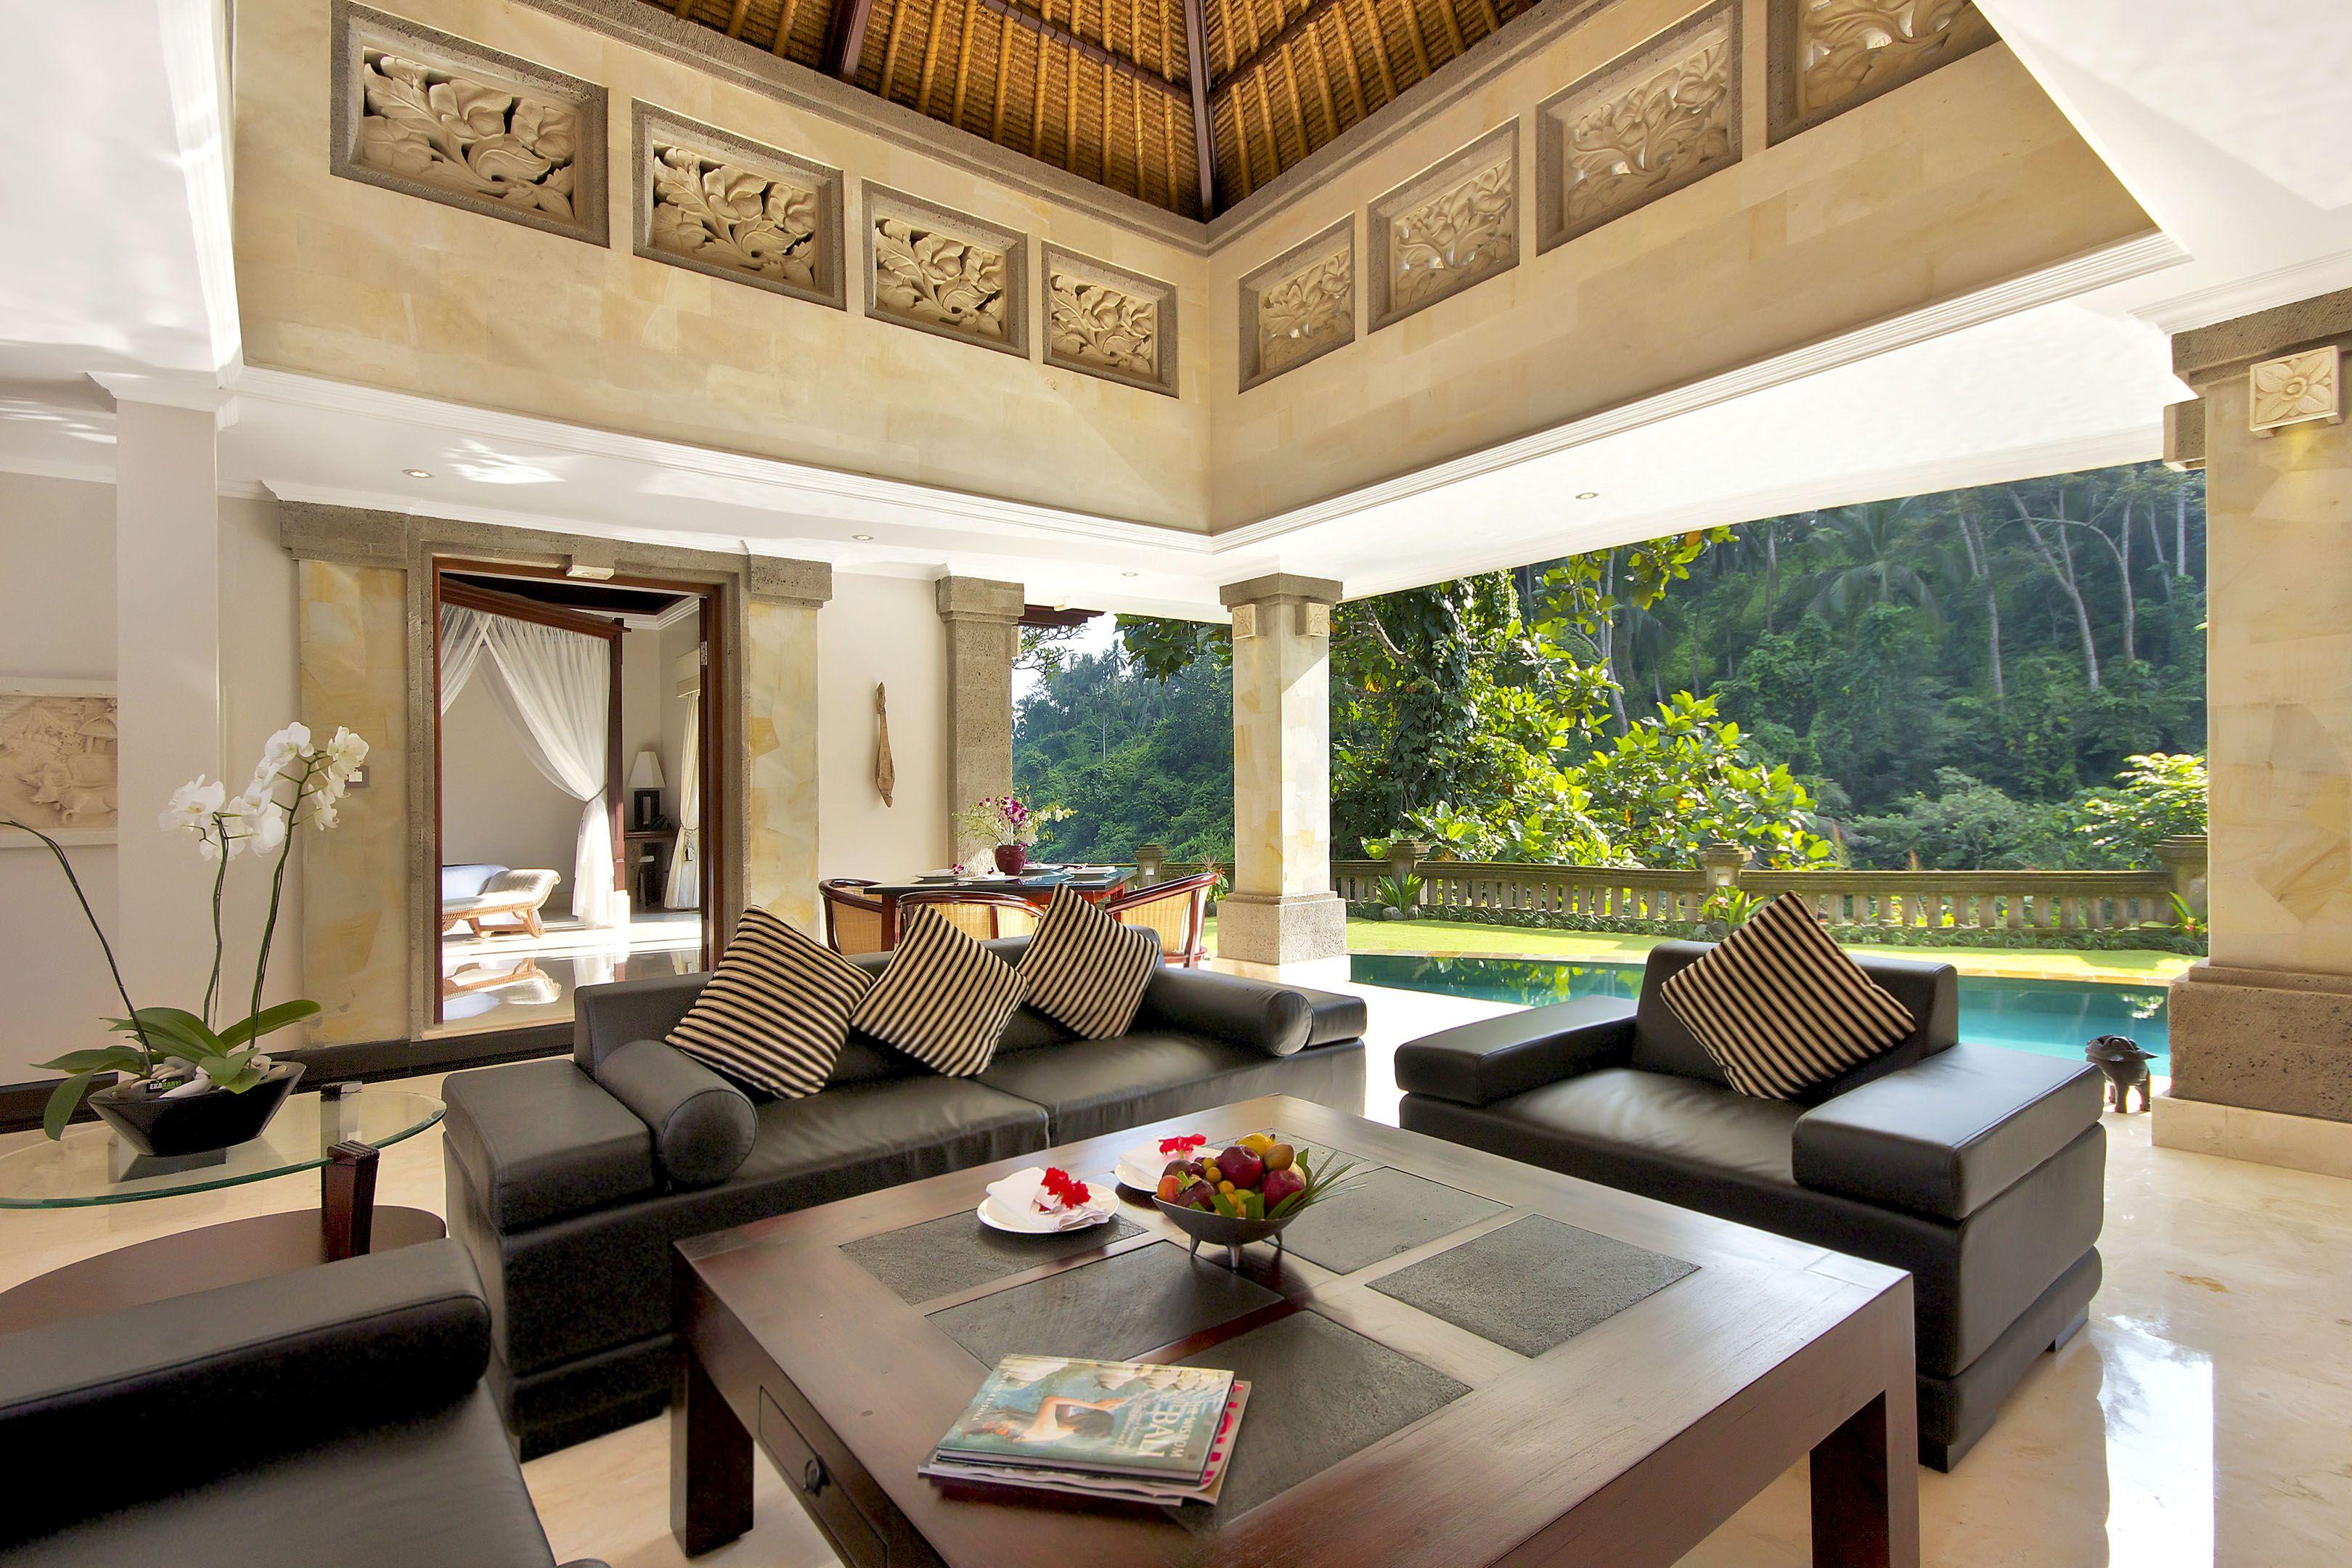 Viceroy Villa Living Room Viceroy Villa Living